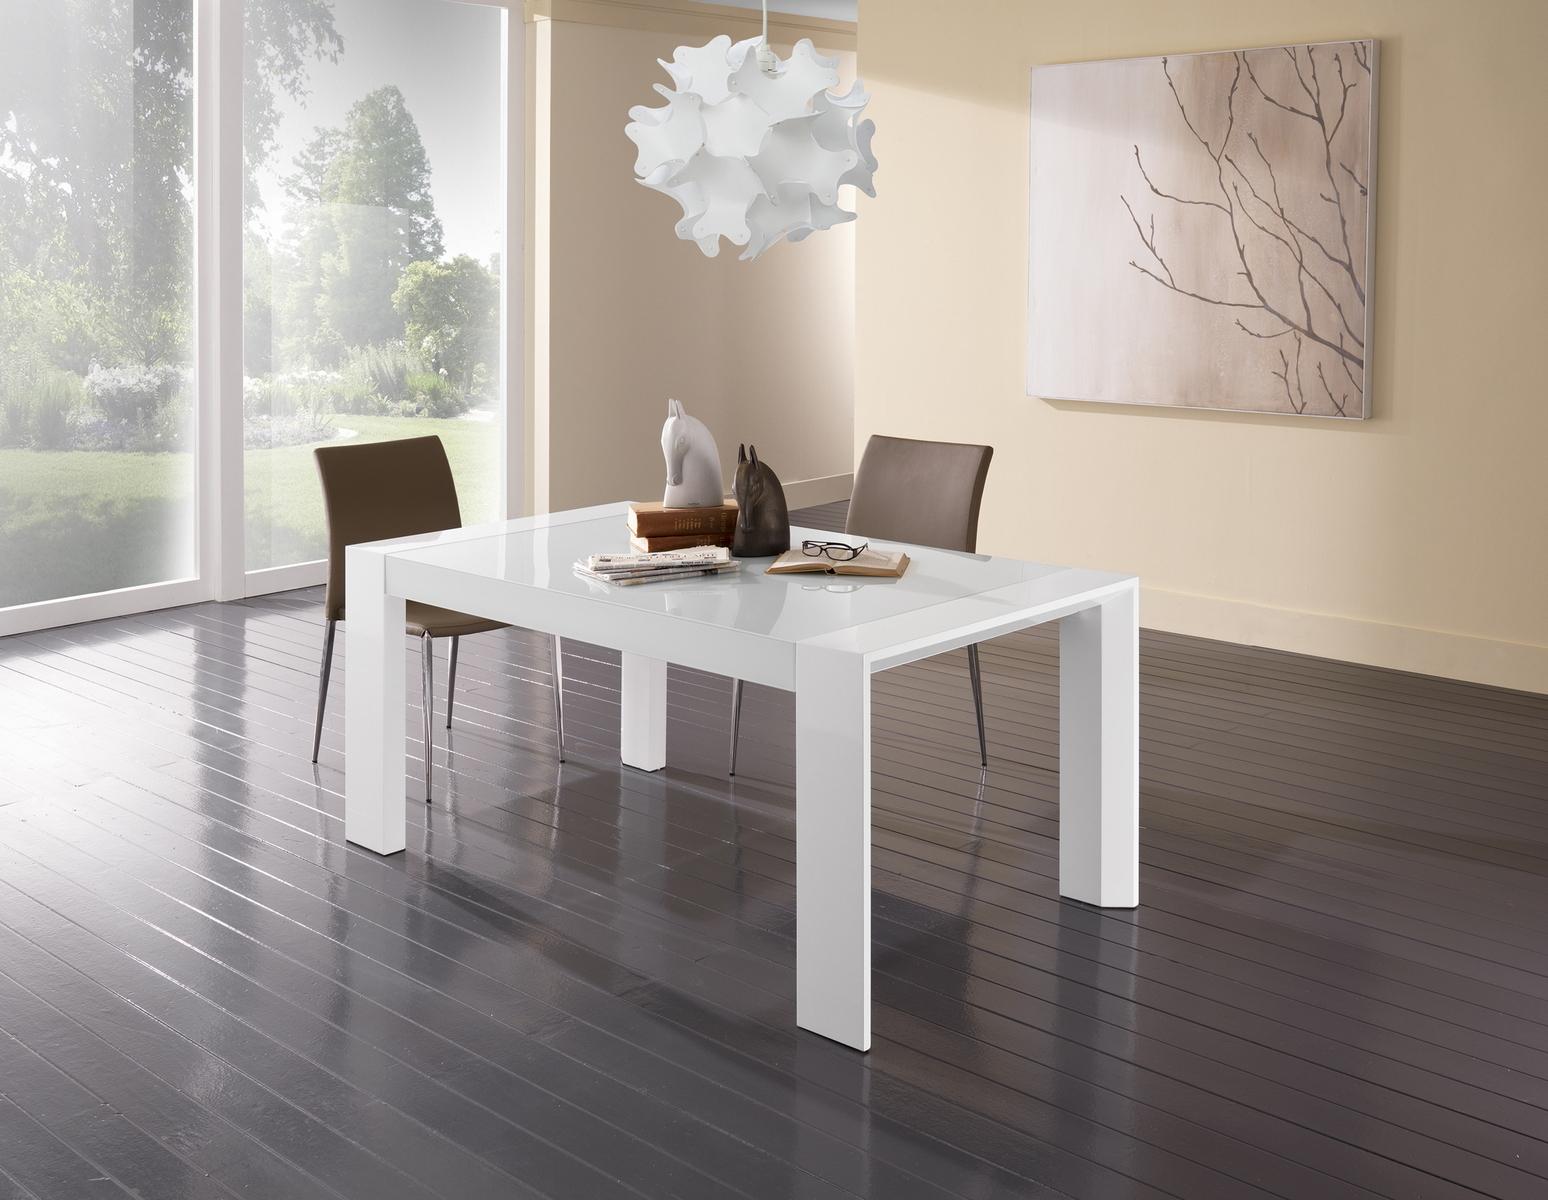 Tavolo Moderno Ikea | Tavolo Campeggio Ikea I Migliori Tavoli Da ...